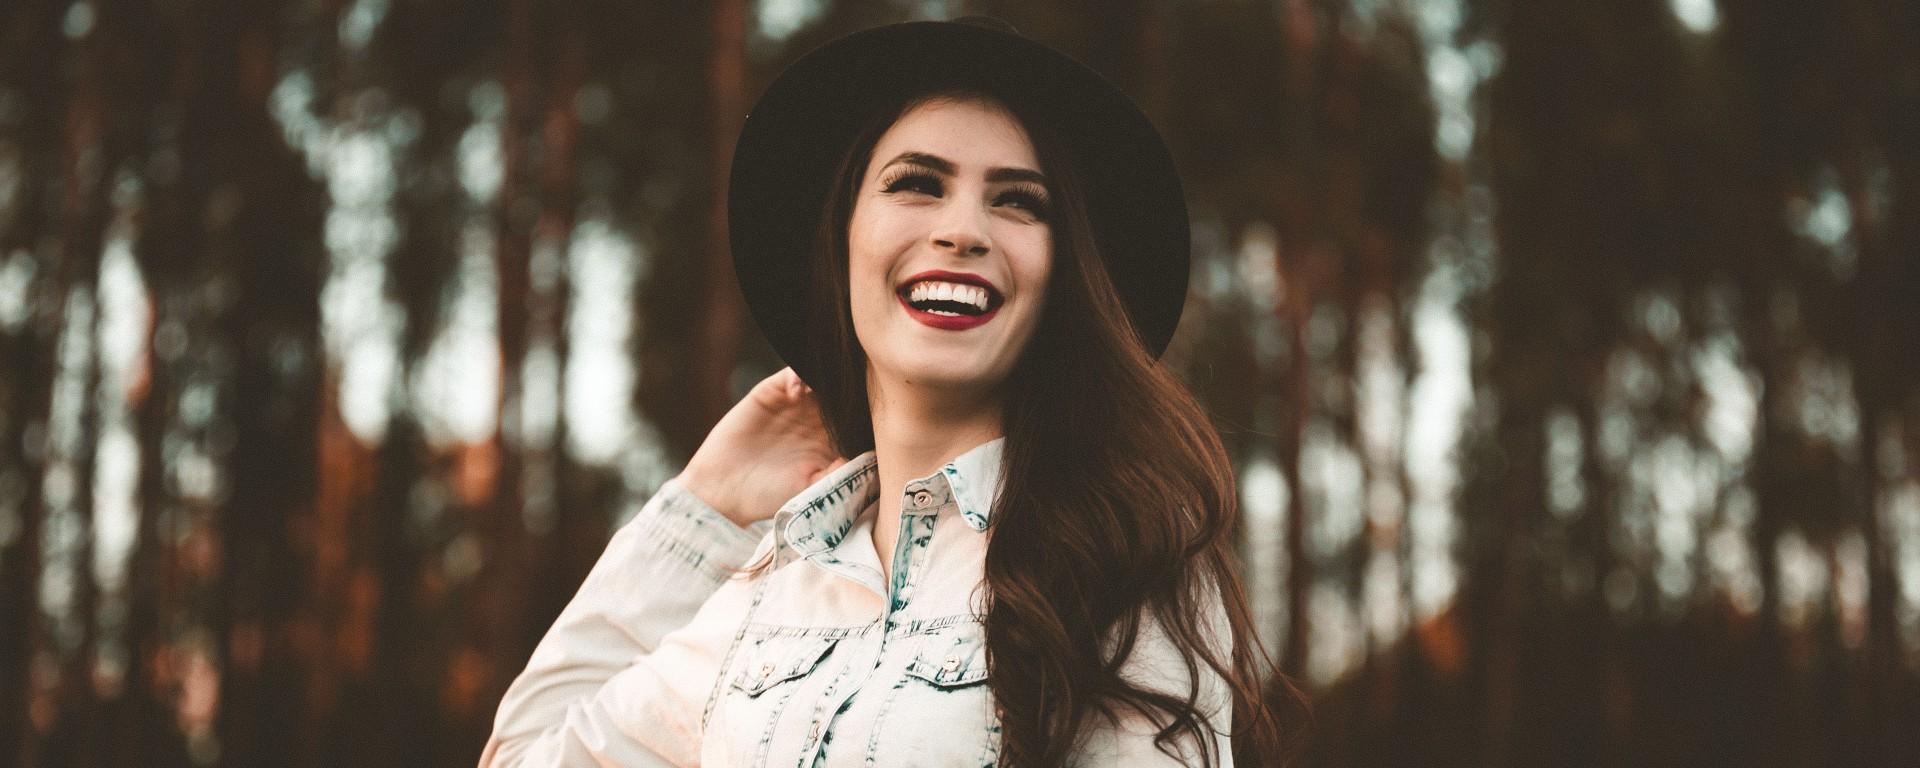 pourquoi apprécier la solitude est indispensable au bonheur